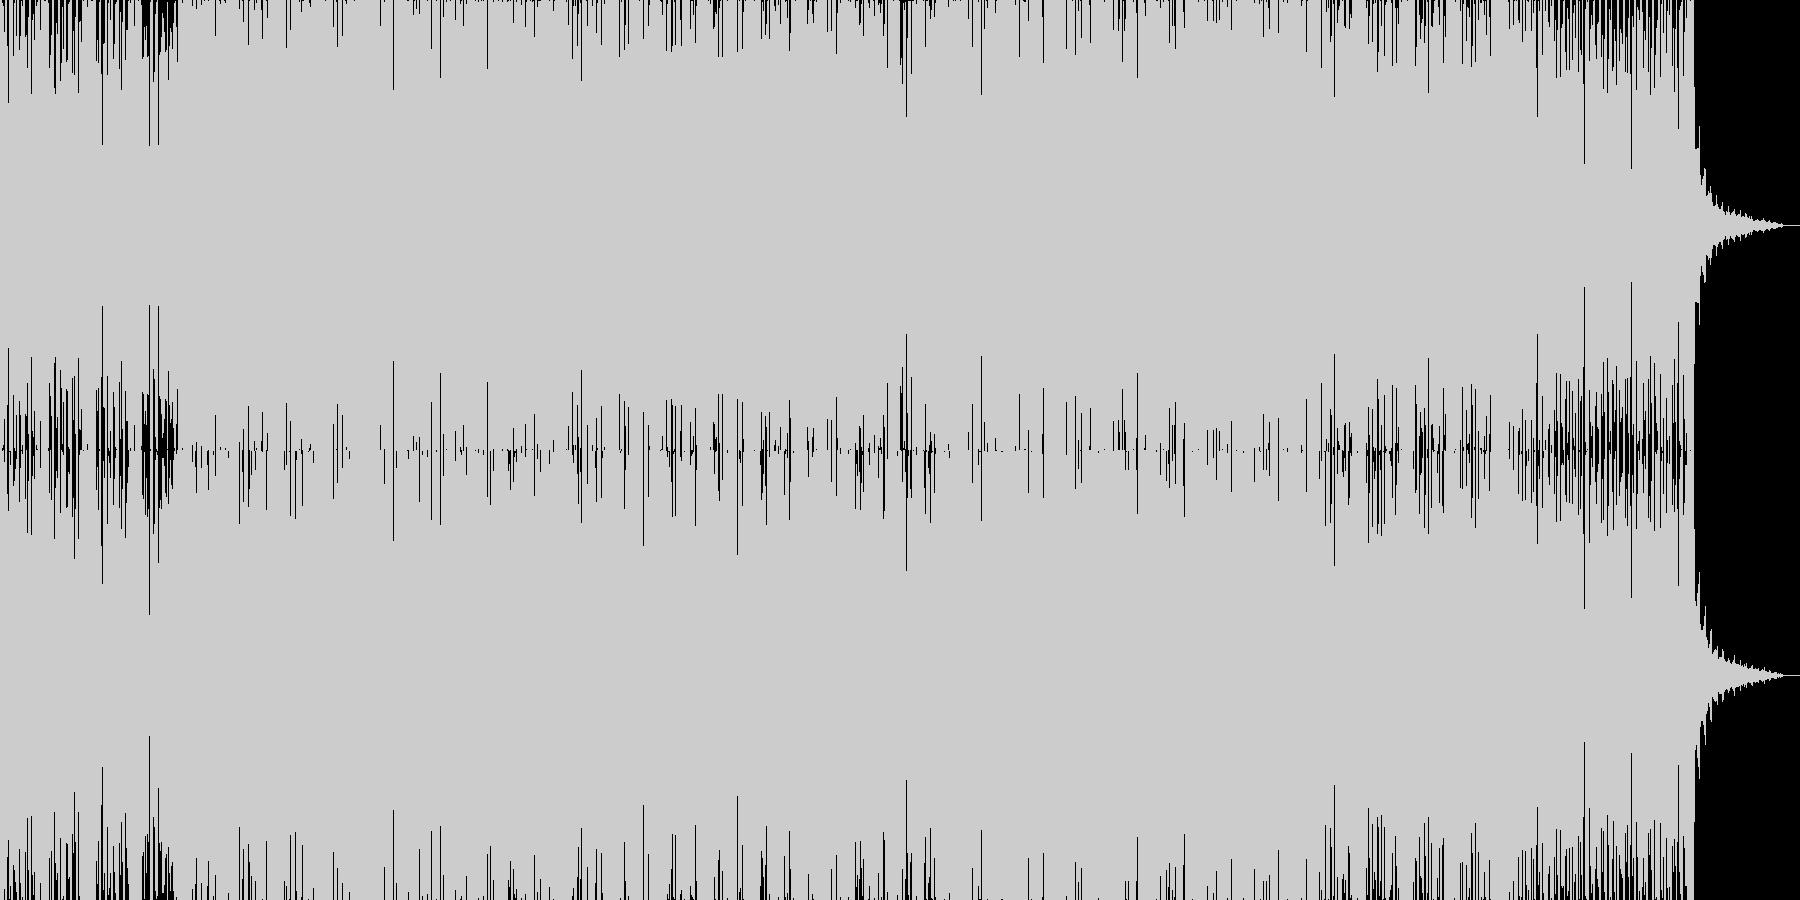 明るいテクノポップ風ハウスサウンドの未再生の波形